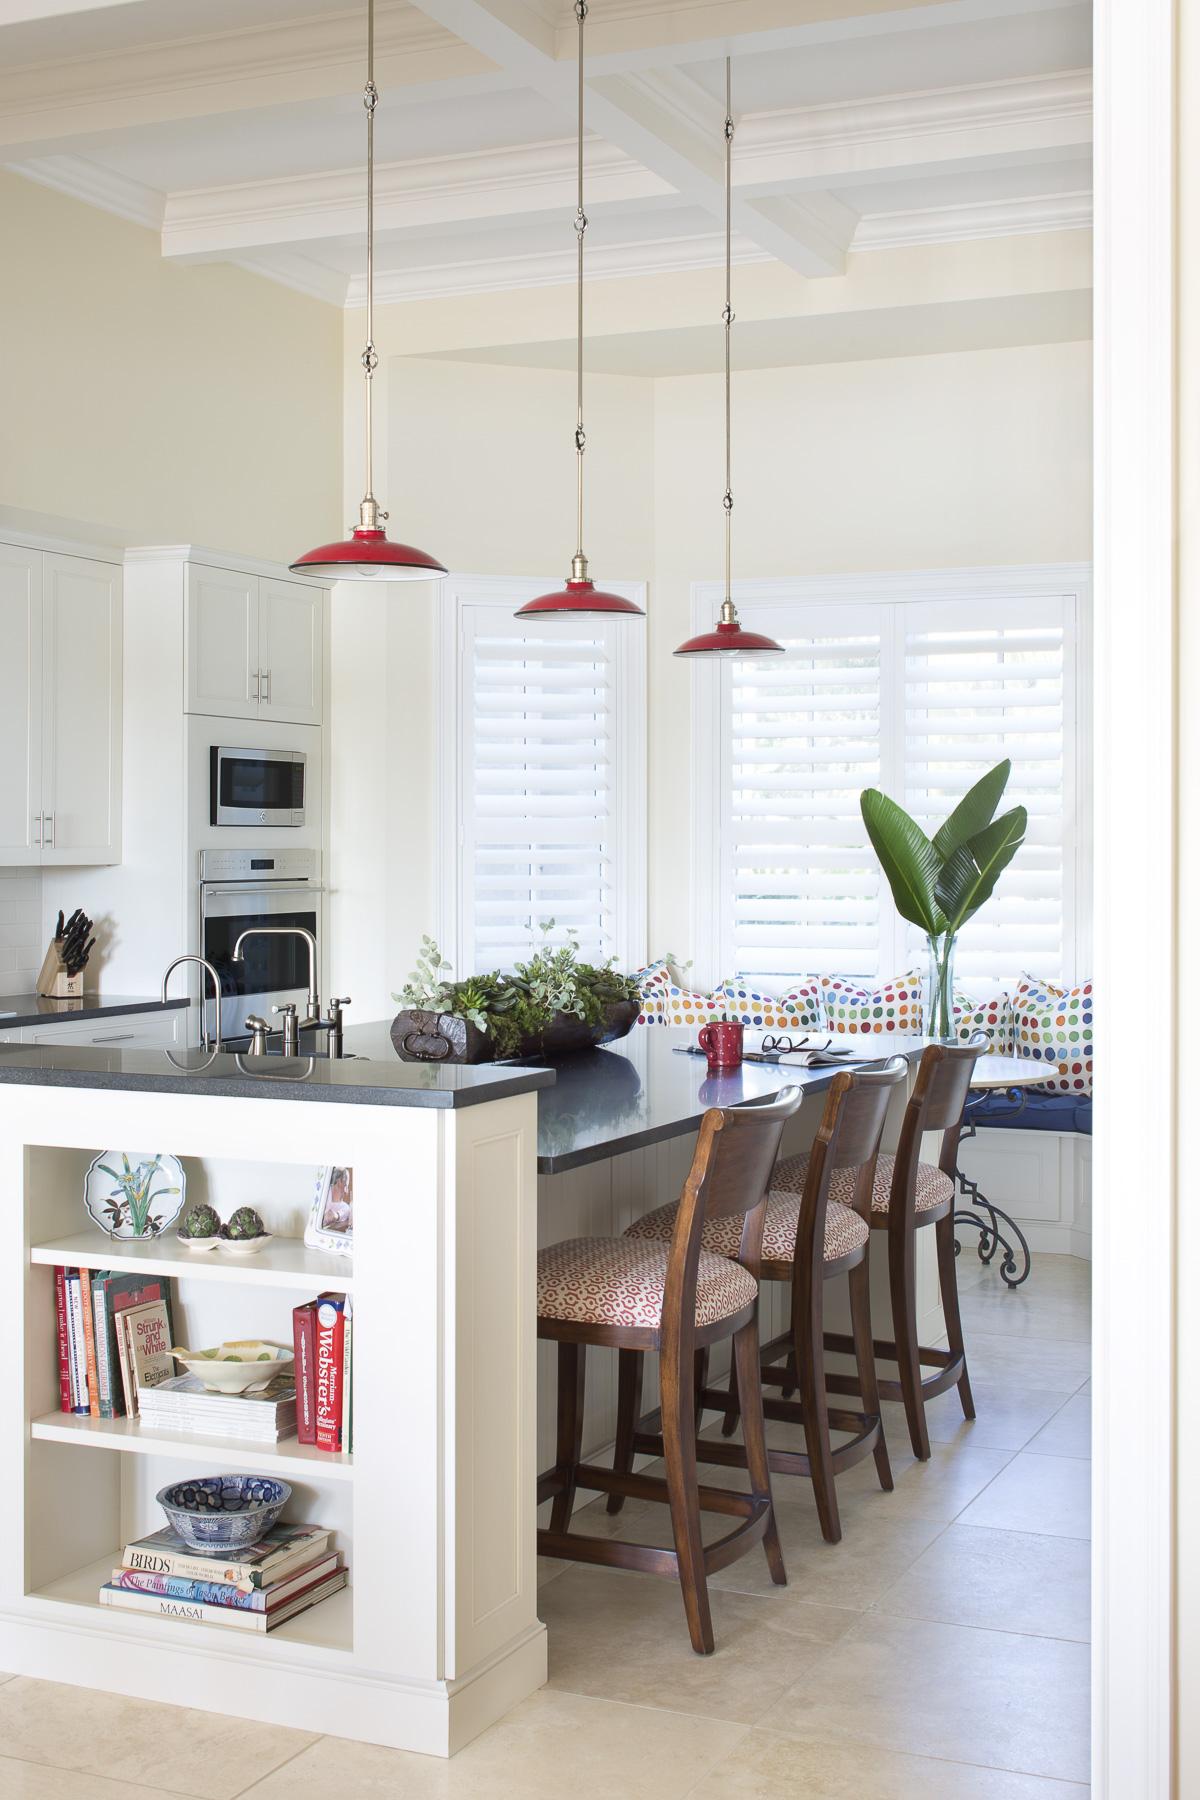 Kitchen, Kitchen Remodel, Kitchen Update, Kitchen Design, Interior Design, Vero  Beach, Florida, Jill Shevlin Design